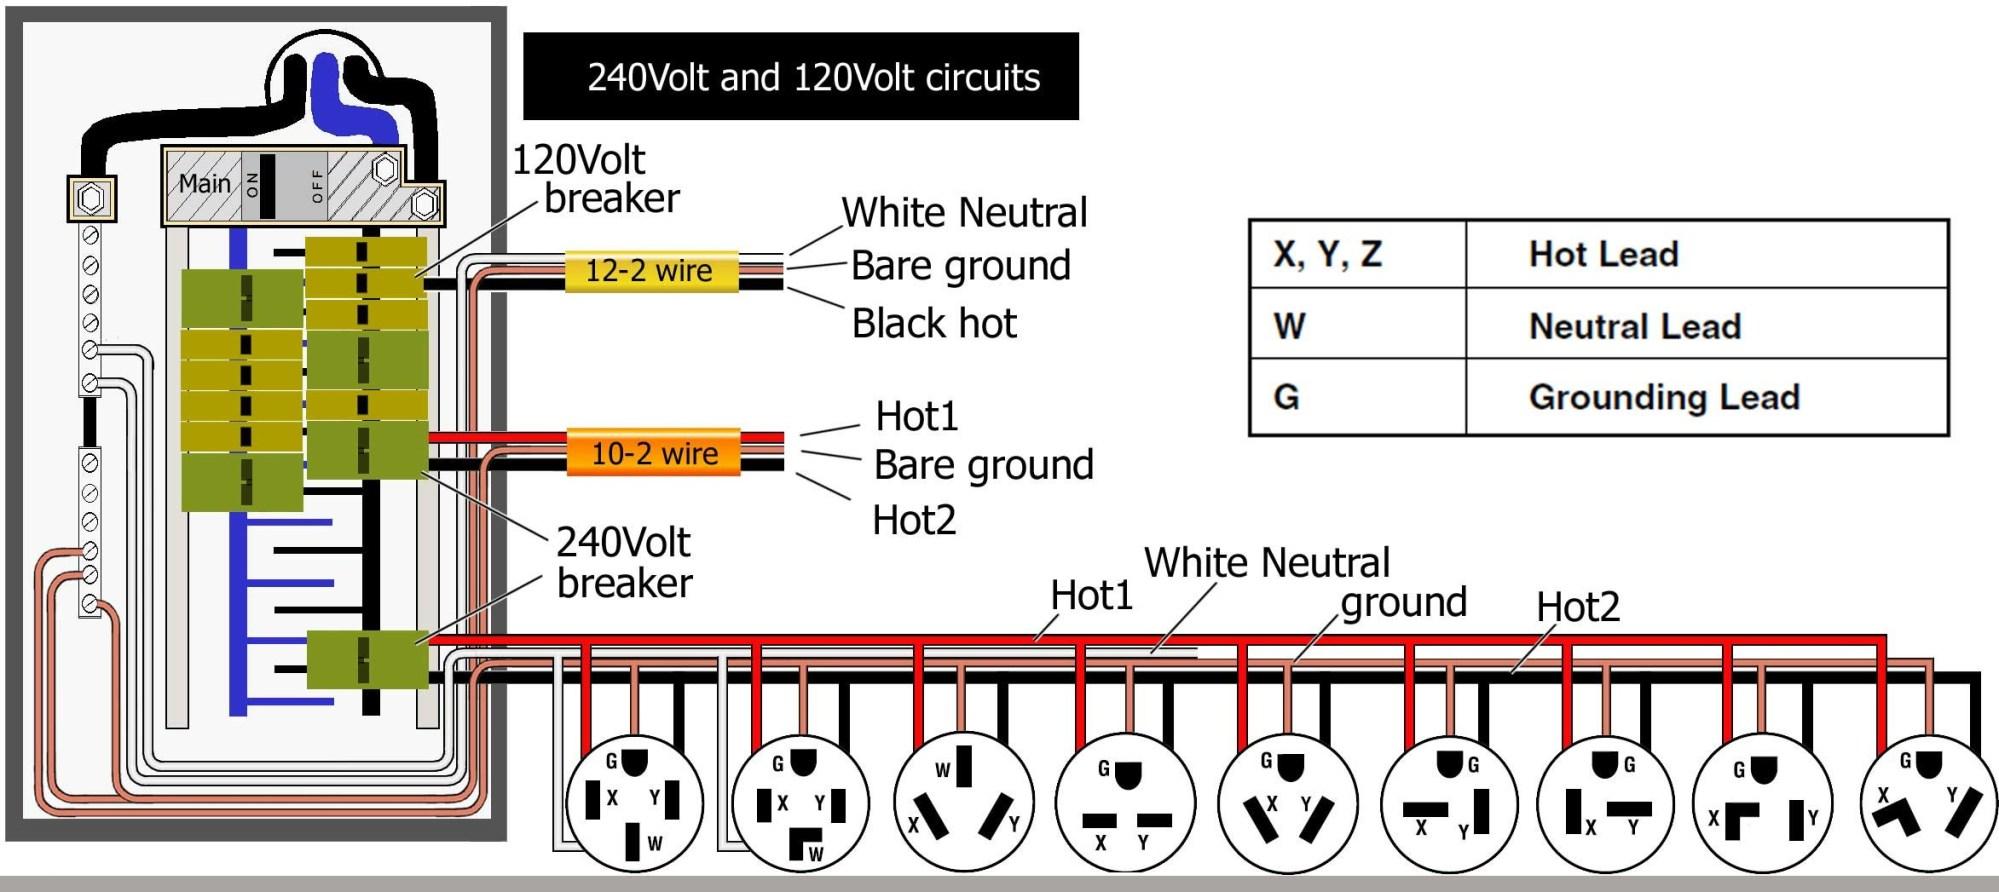 hight resolution of 240 volt outlet2 218 random 50 amp twist lock plug wiring diagram 20 amp twist lock plug wiring diagram